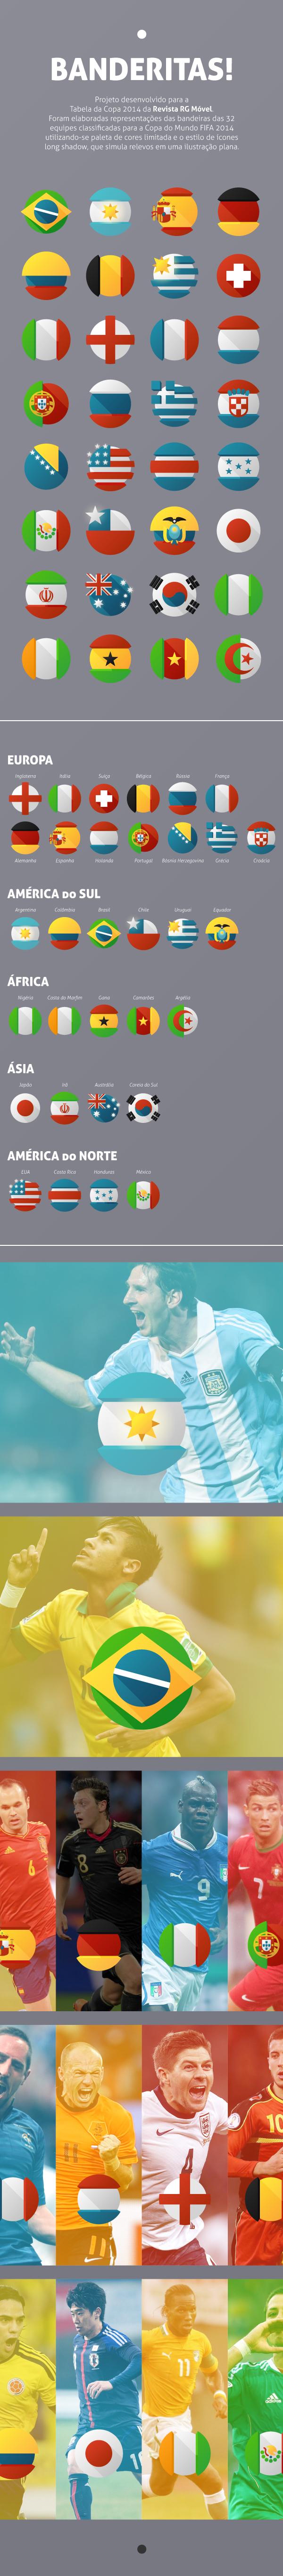 Banderitas On Behance Art World Soccer Players World